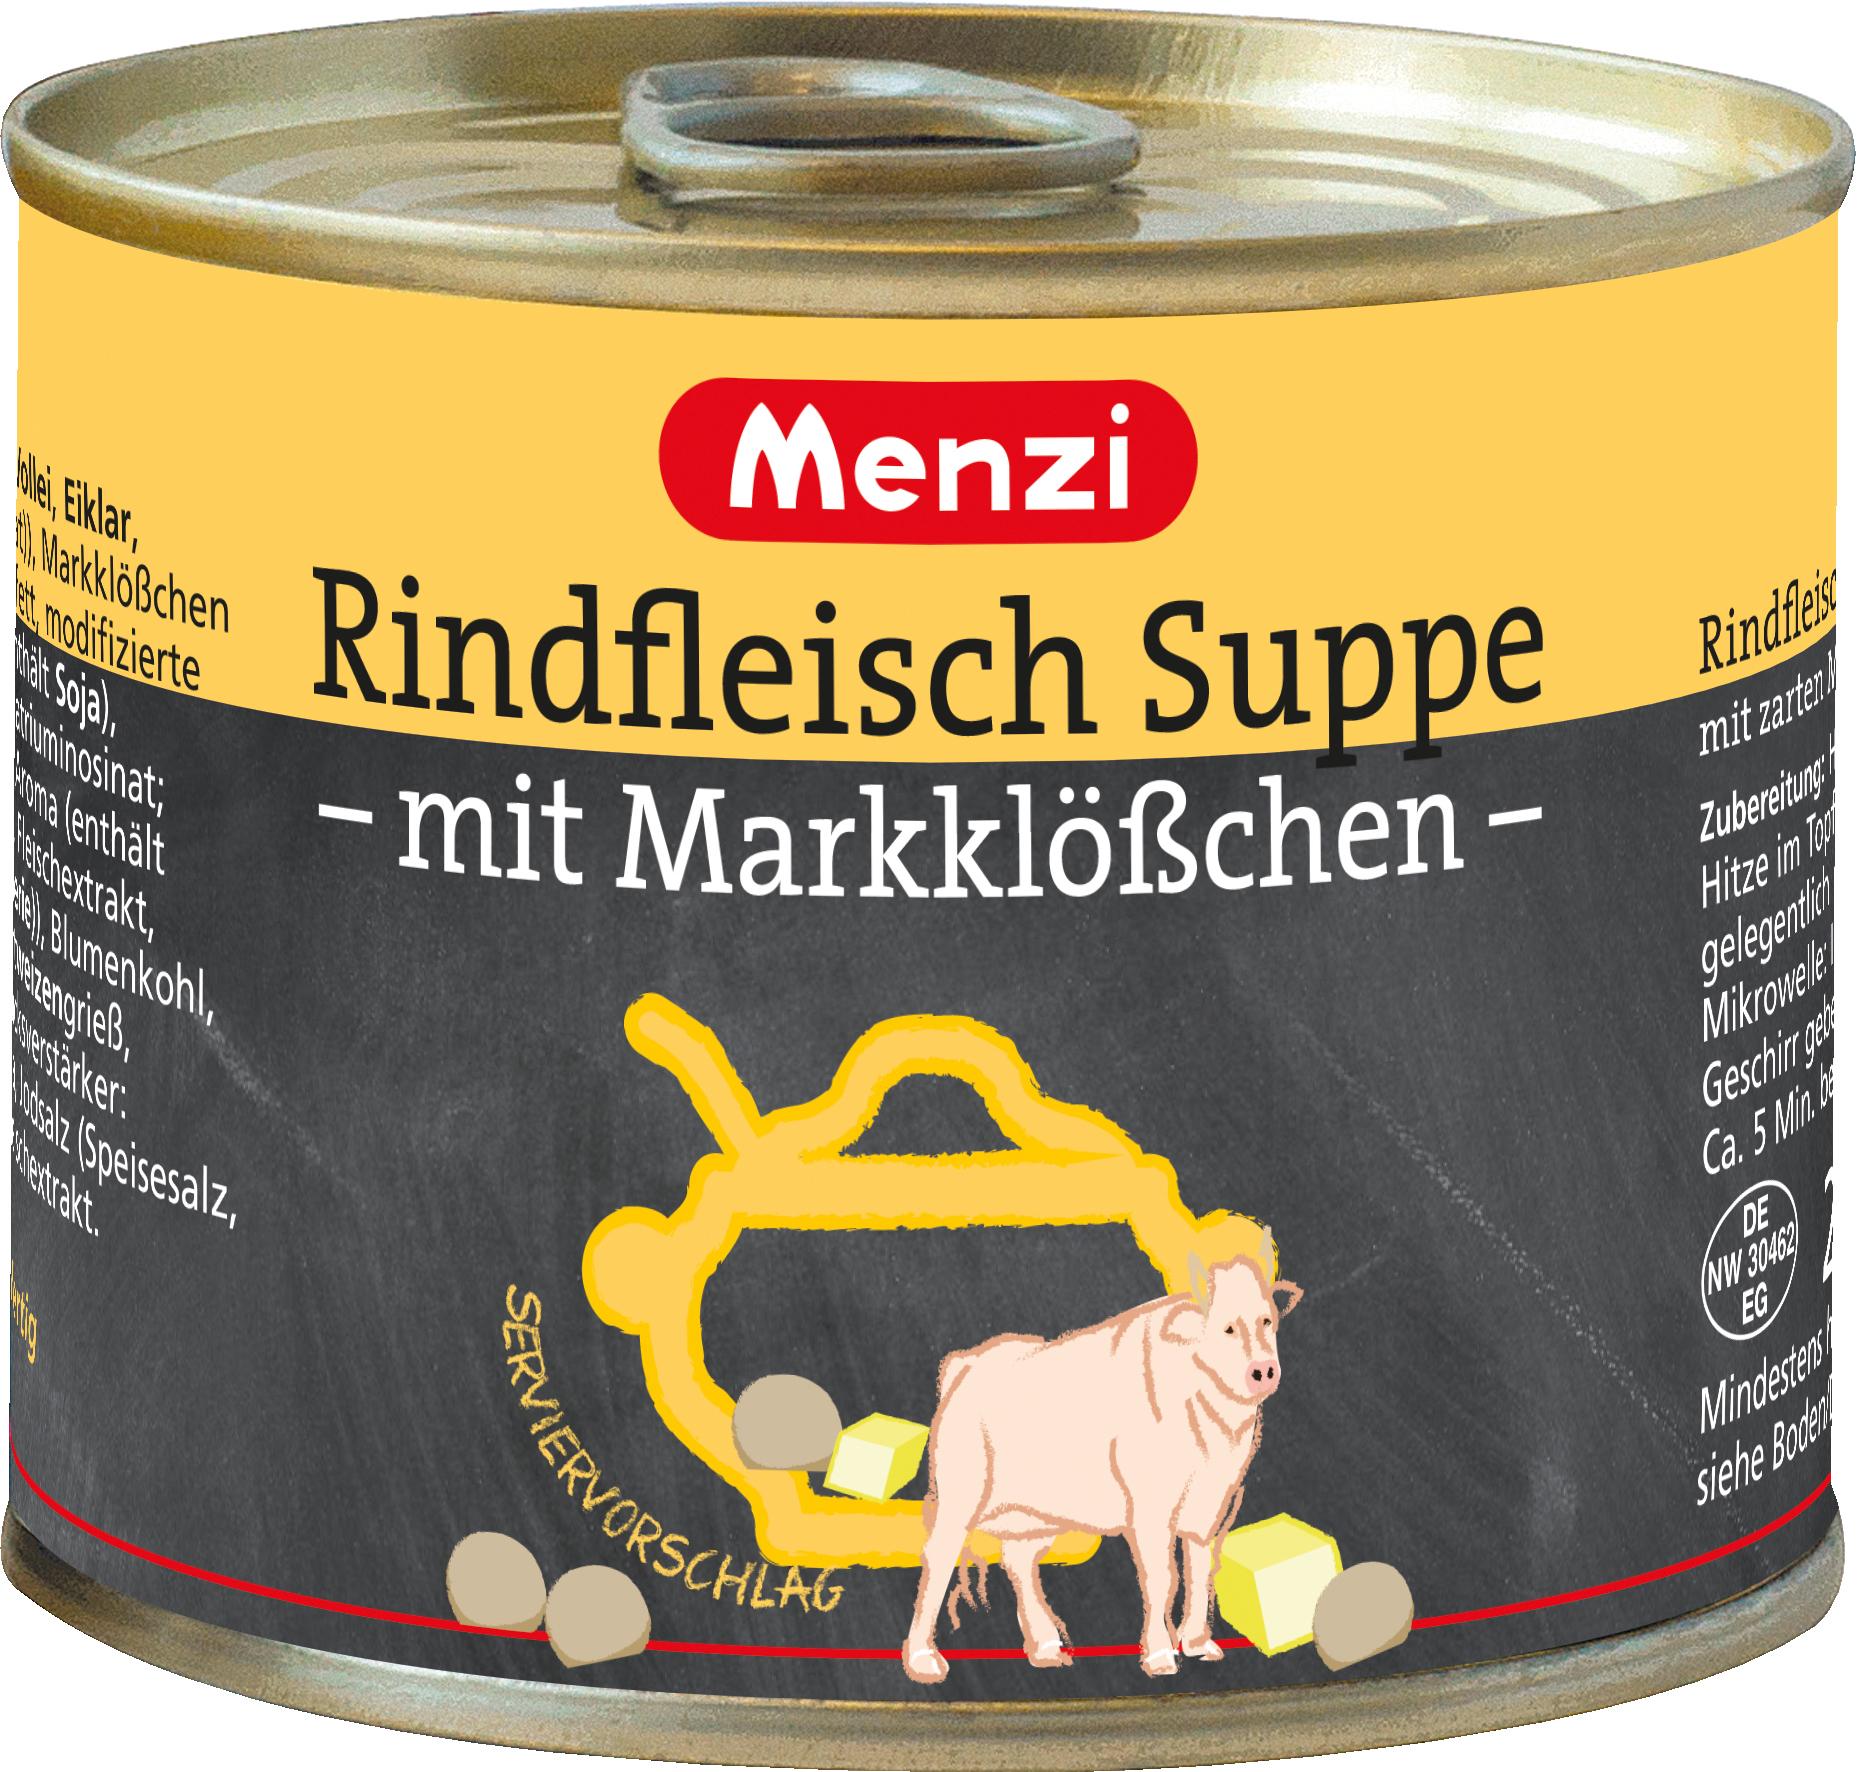 rindfleischsuppe-mit-markklo-chen-von-menzi-sparpack-mit-5-x-200ml